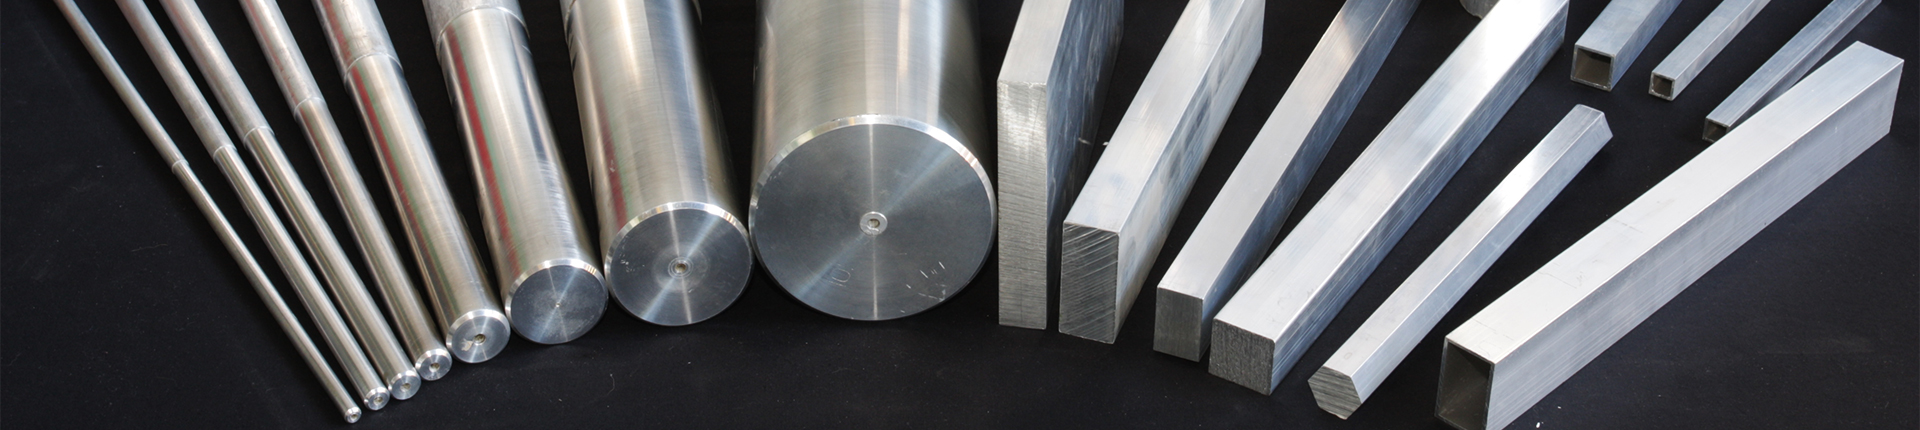 Vendita alluminio profili tubi lastre e barre alluminio for Profilo alluminio led leroy merlin